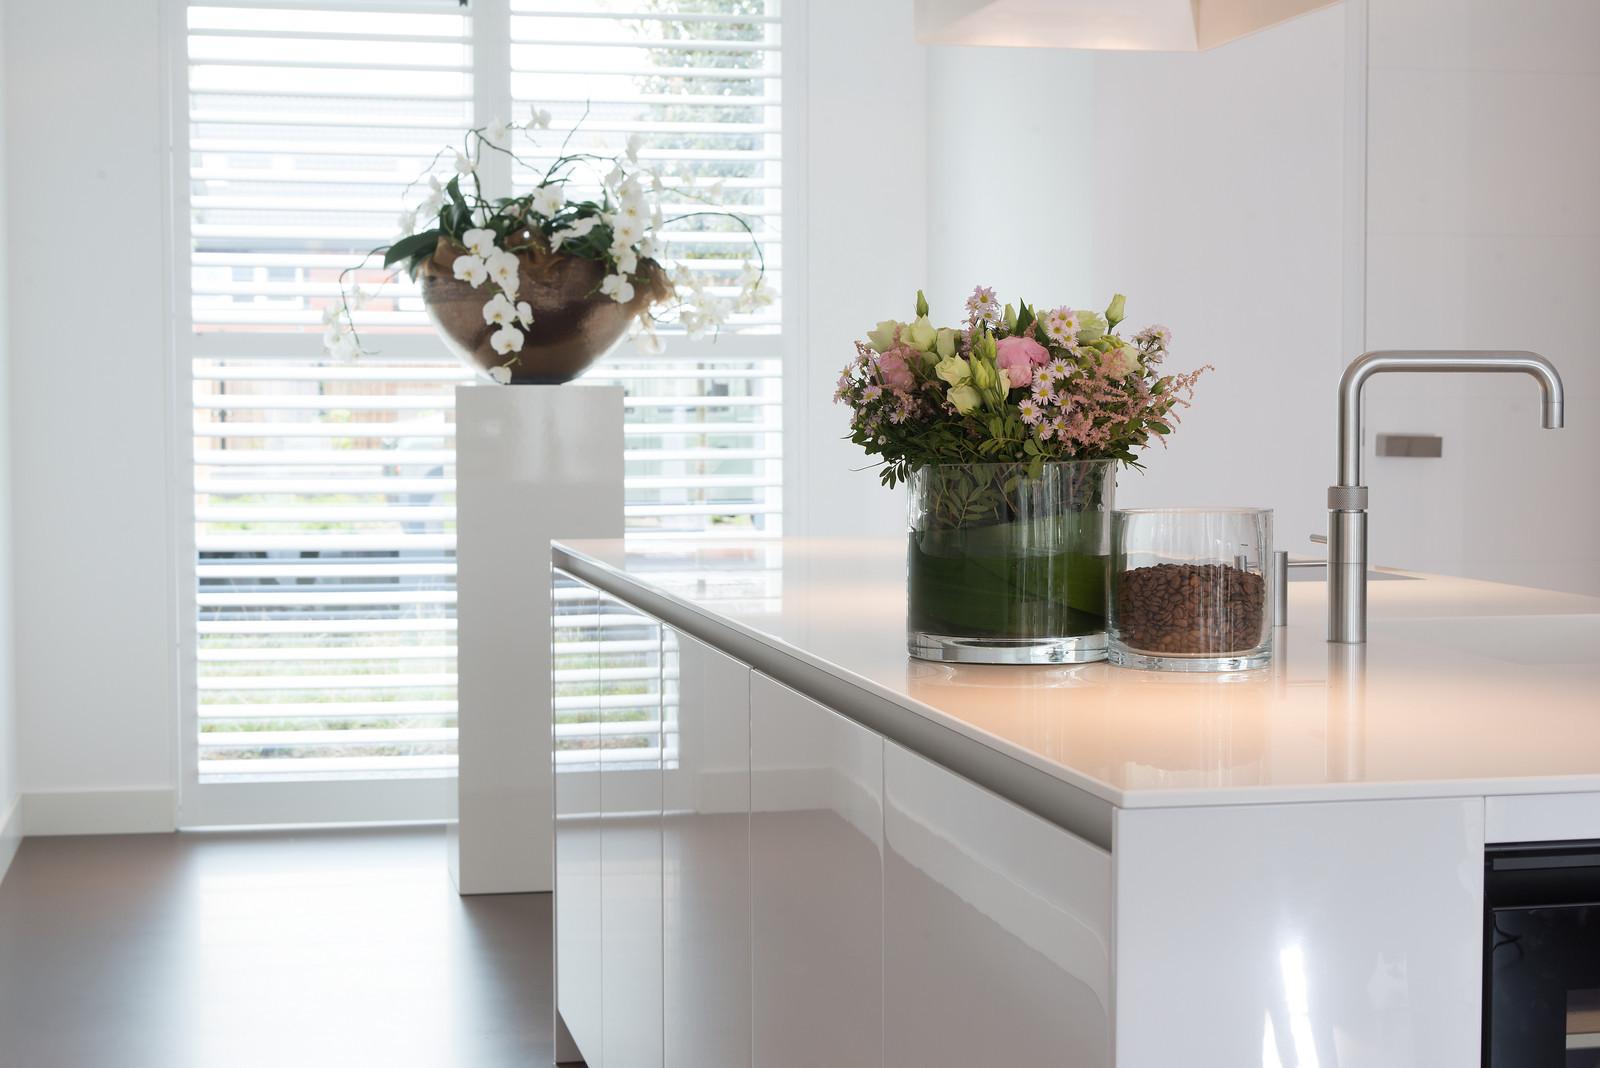 Witte Keuken Design : Binnenkijken bij italiaanse design keuken uw keuken